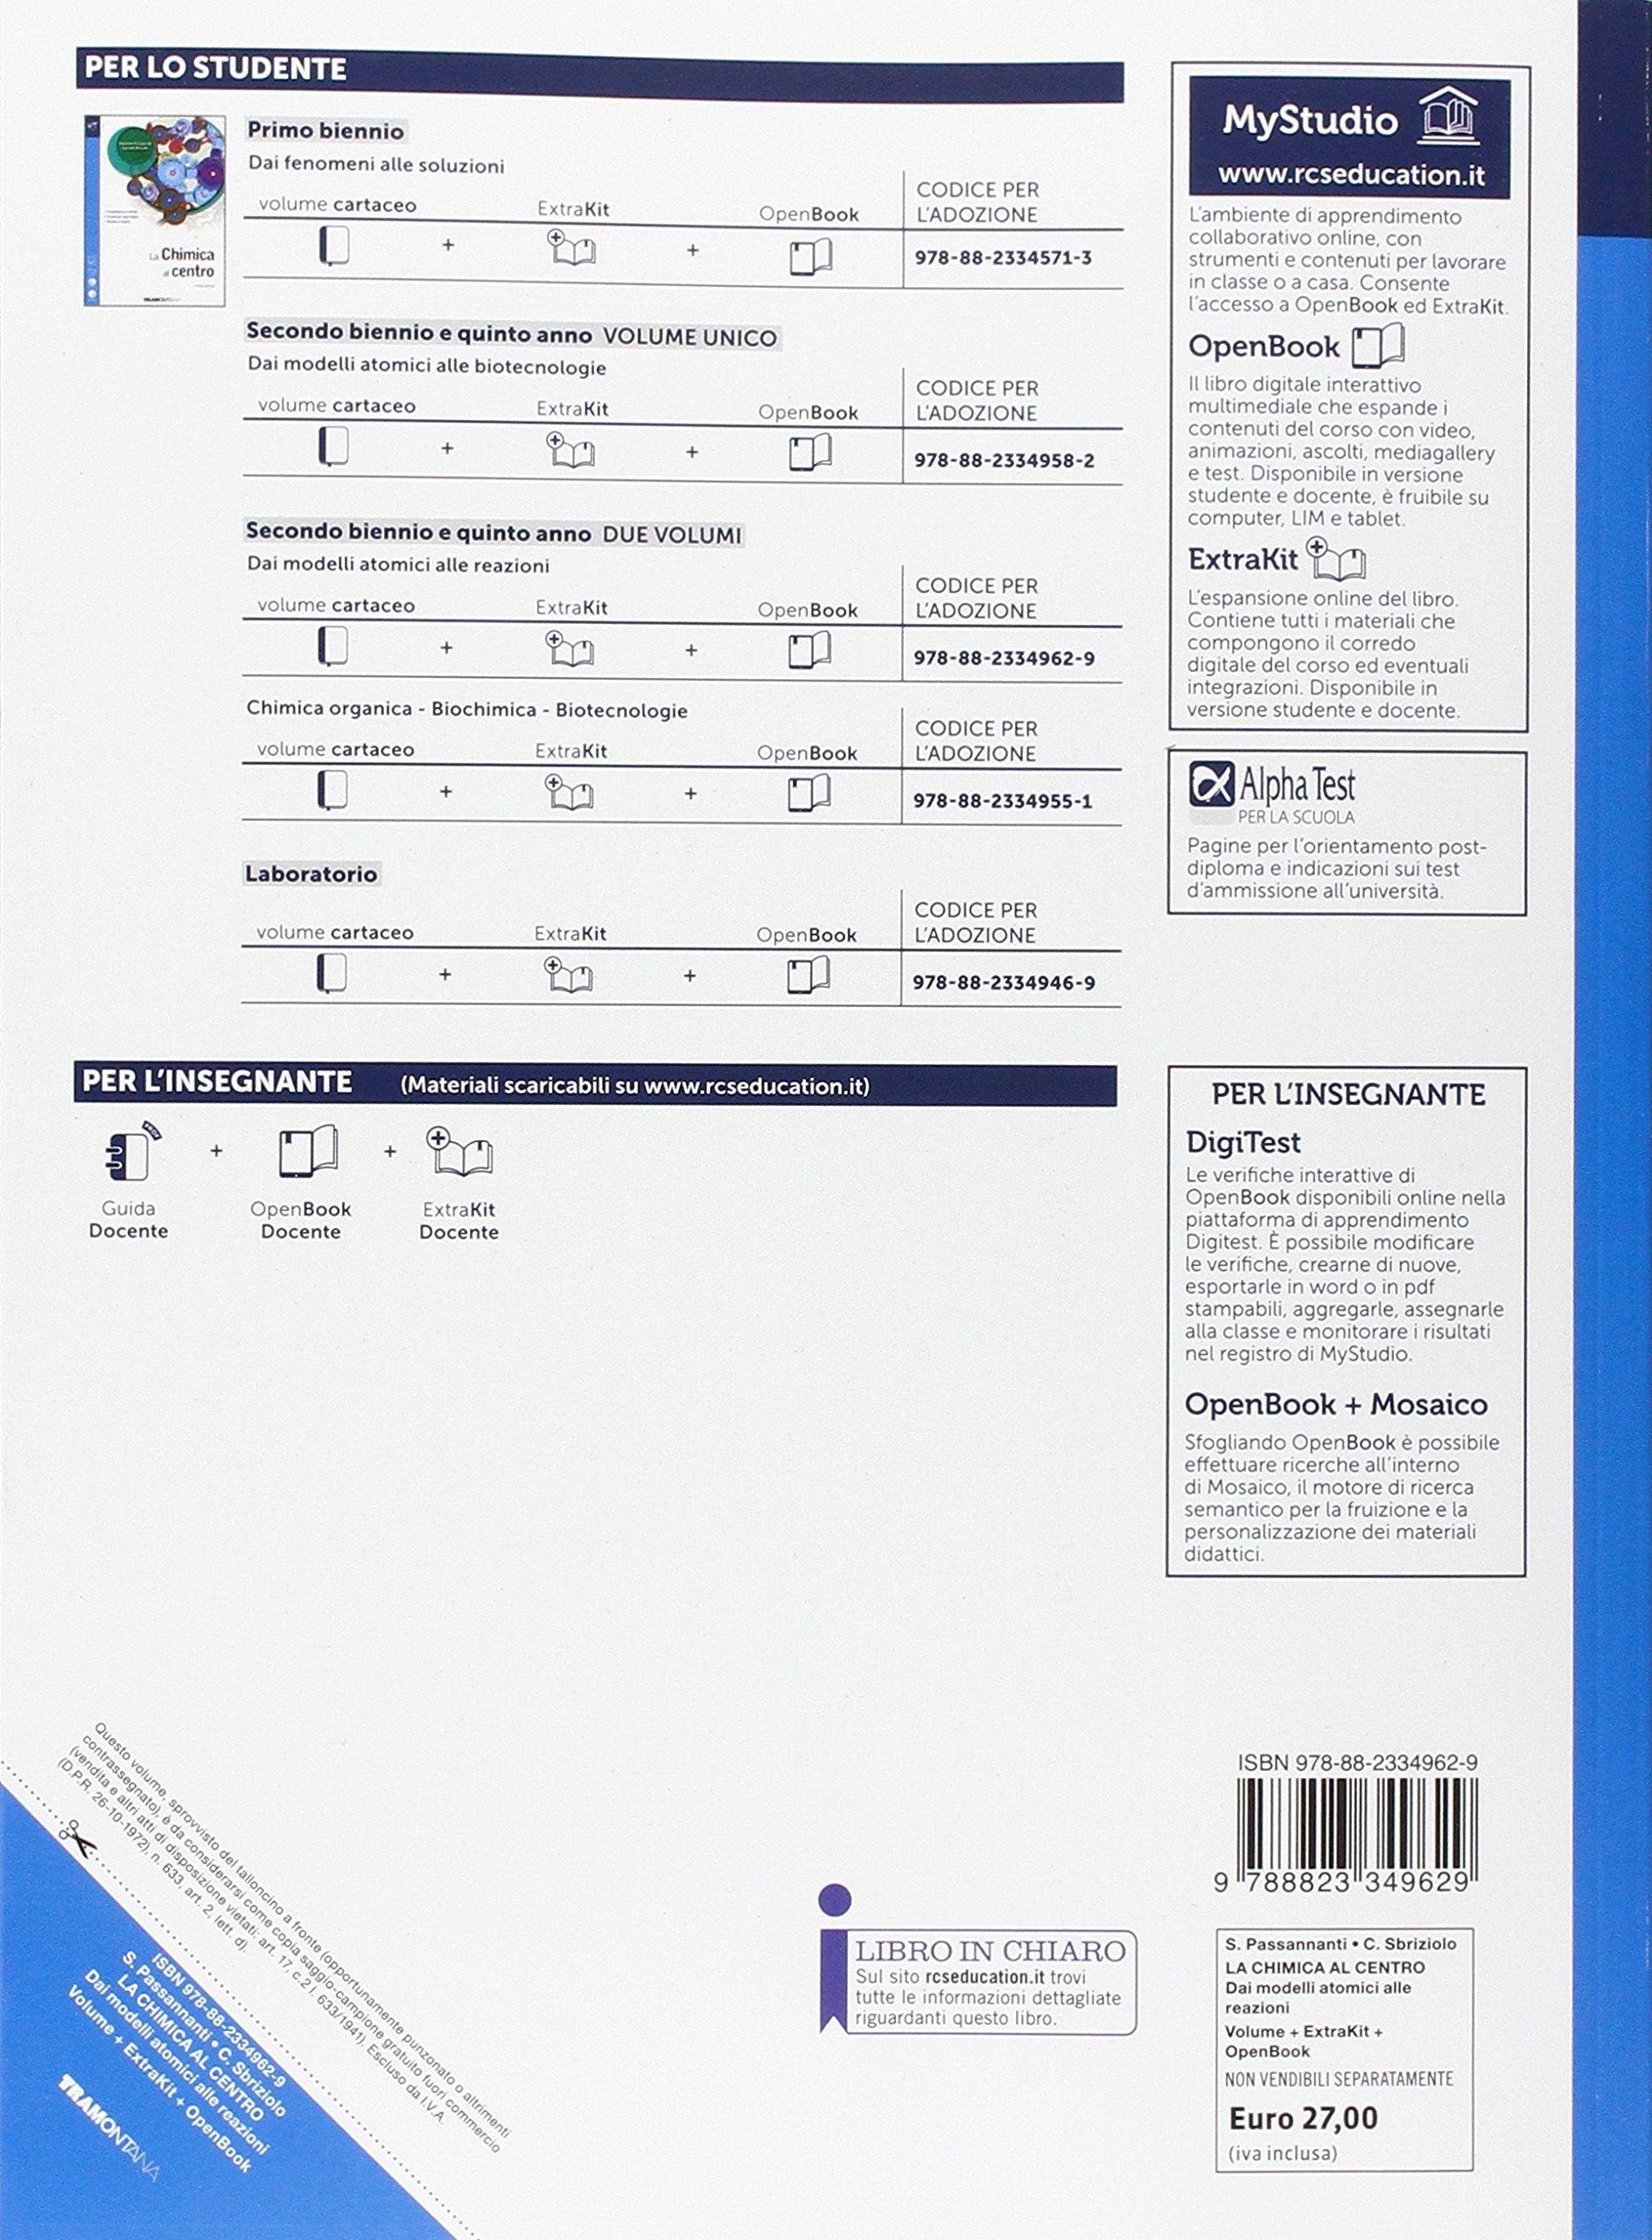 La chimica al centro  Con cetrakit-Openbook  Per le Scuole